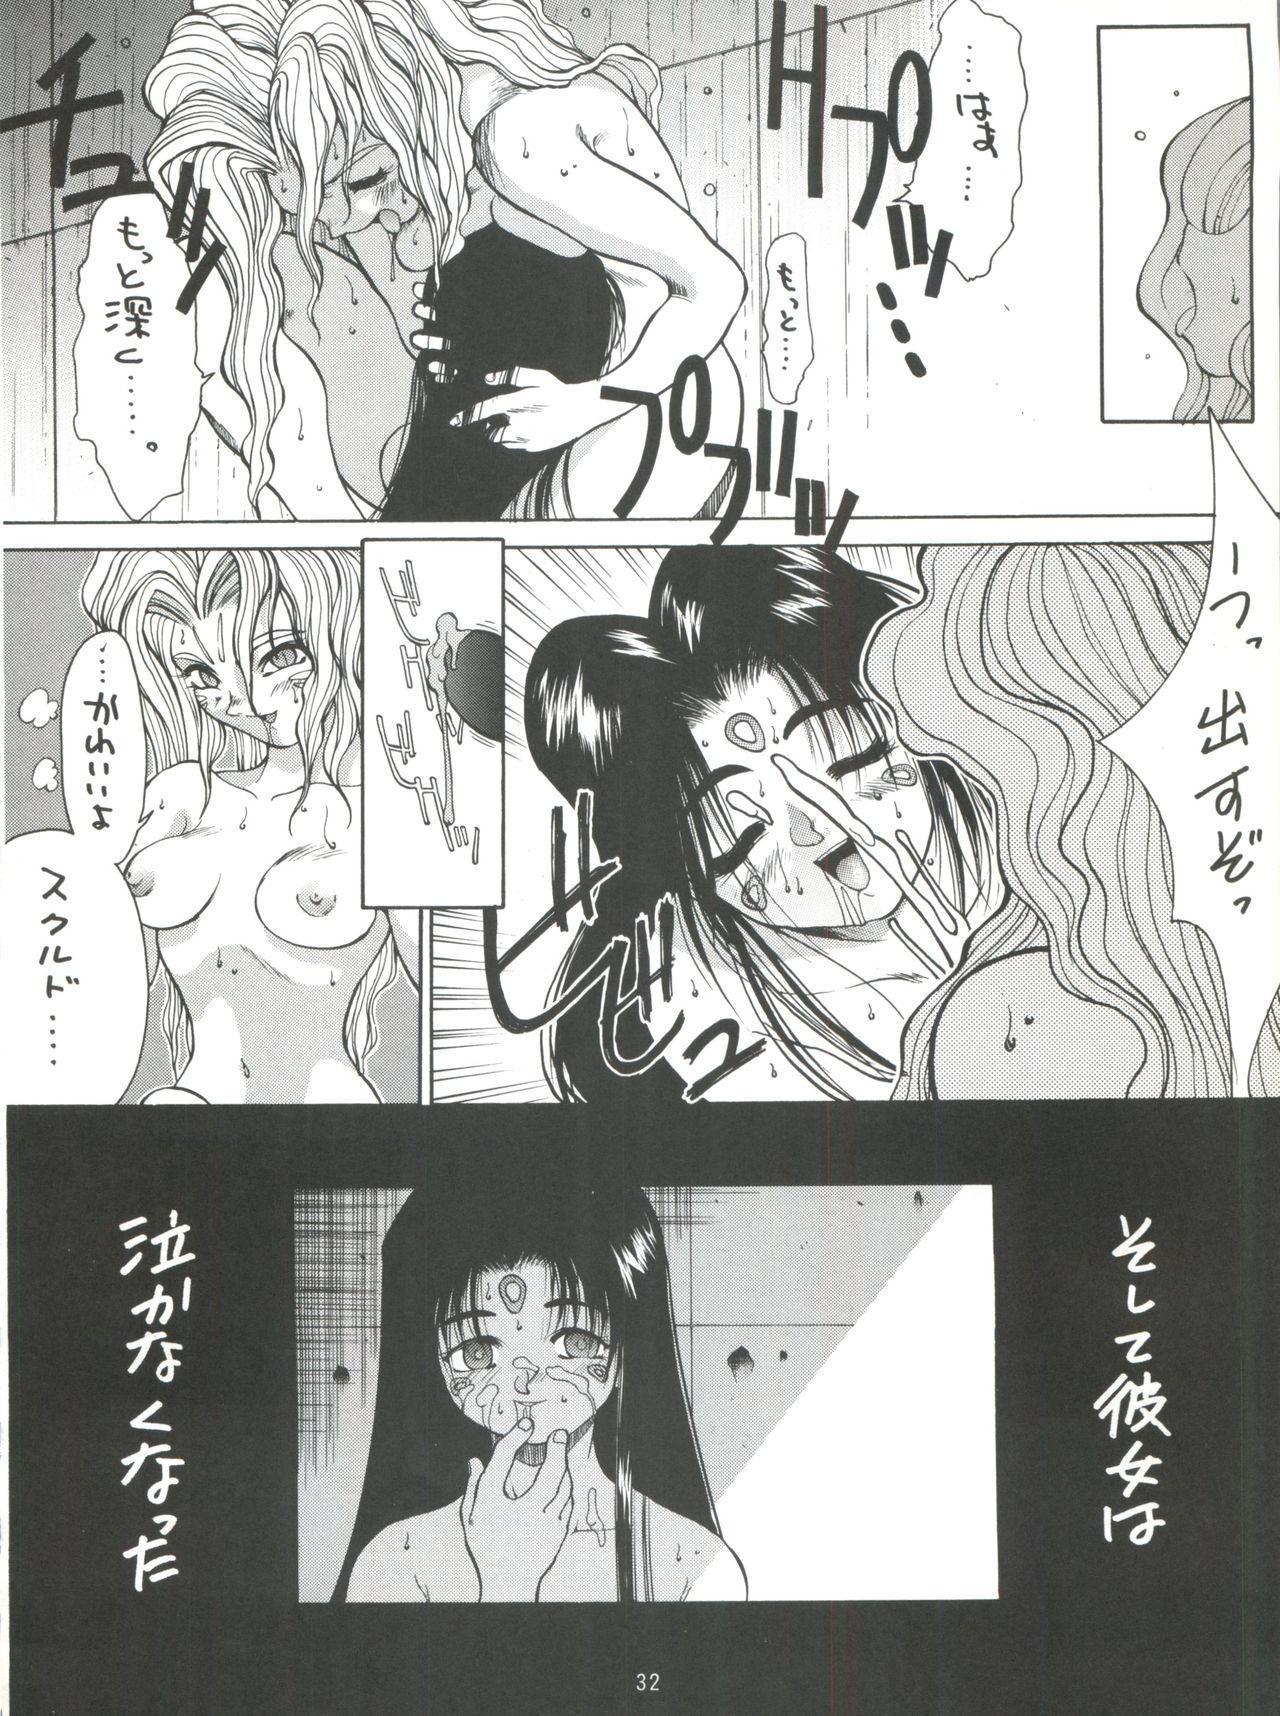 Seijin Naruhito 30